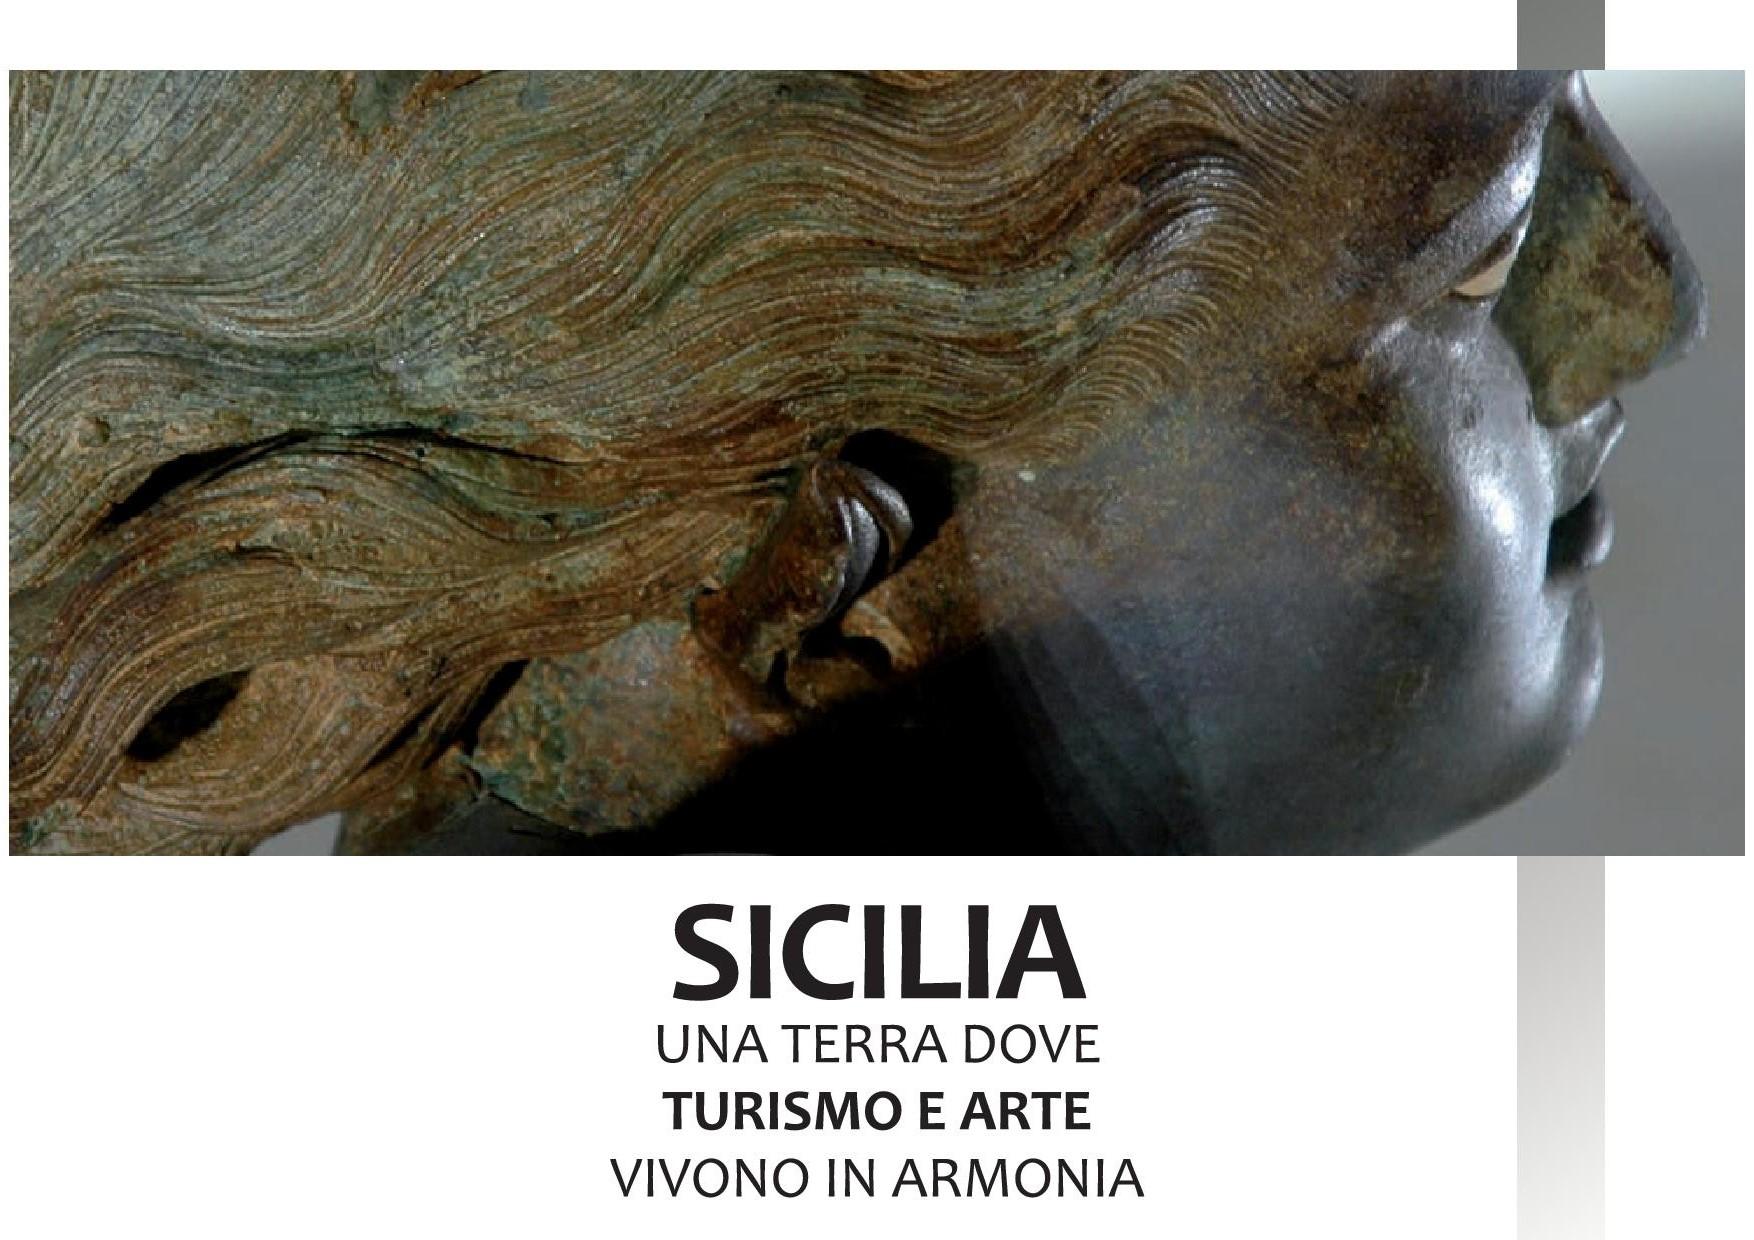 Turismo e Arte in Sicilia